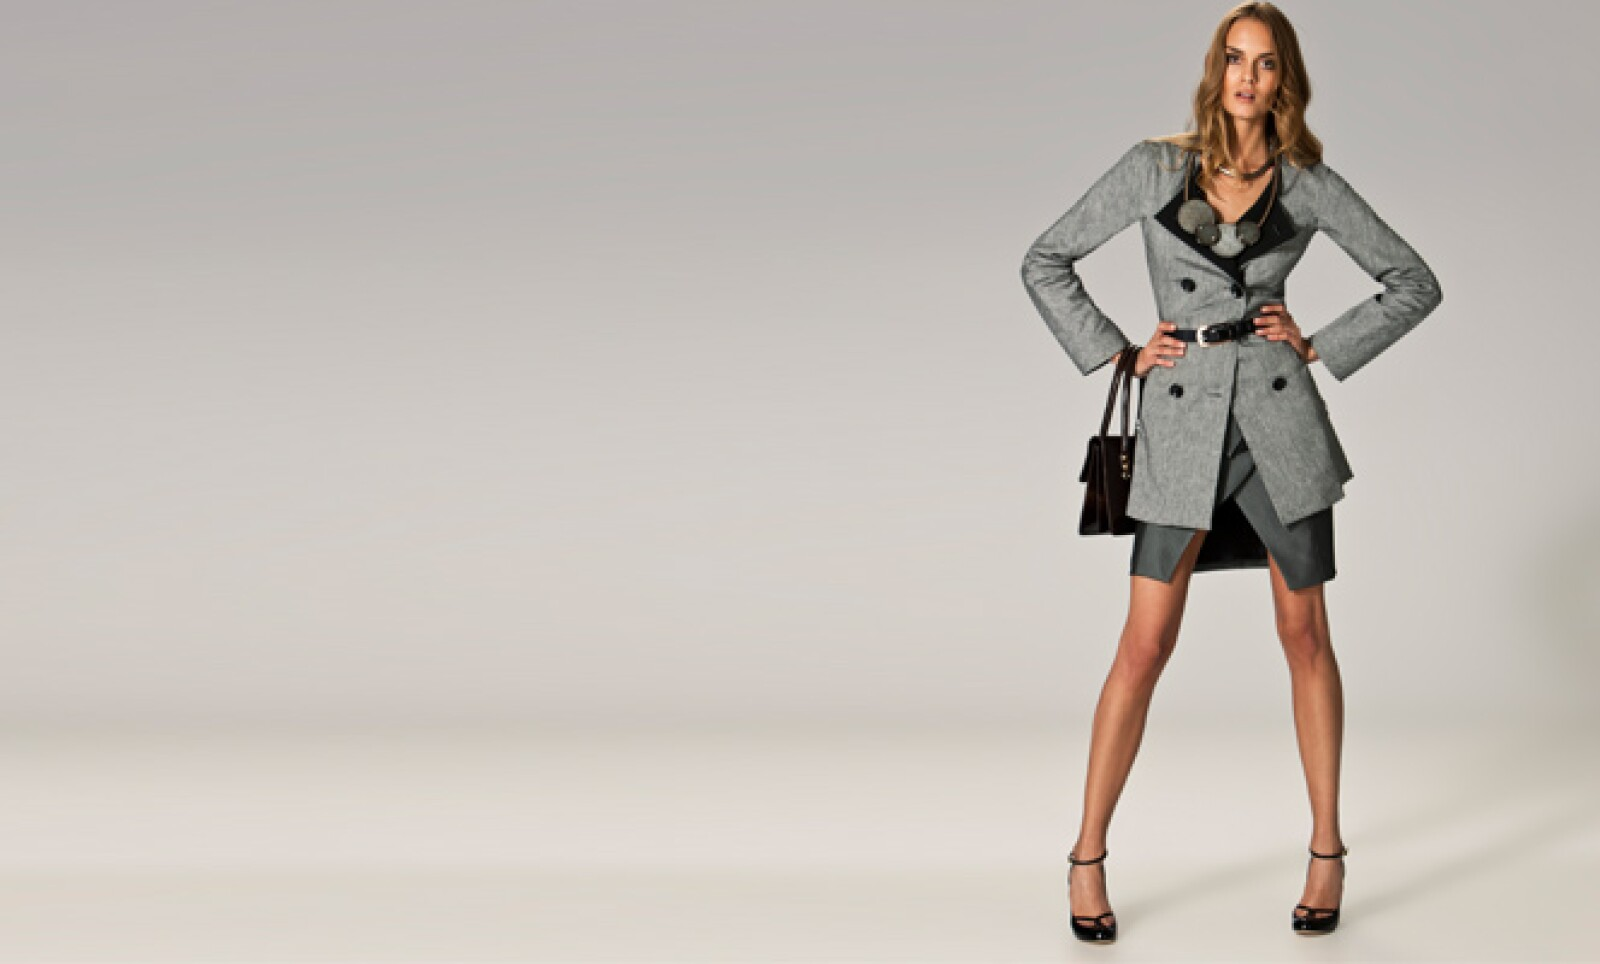 Un estilo ejecutivo pero con el toque de sensualidad que ajusta las prendas al cuerpo.